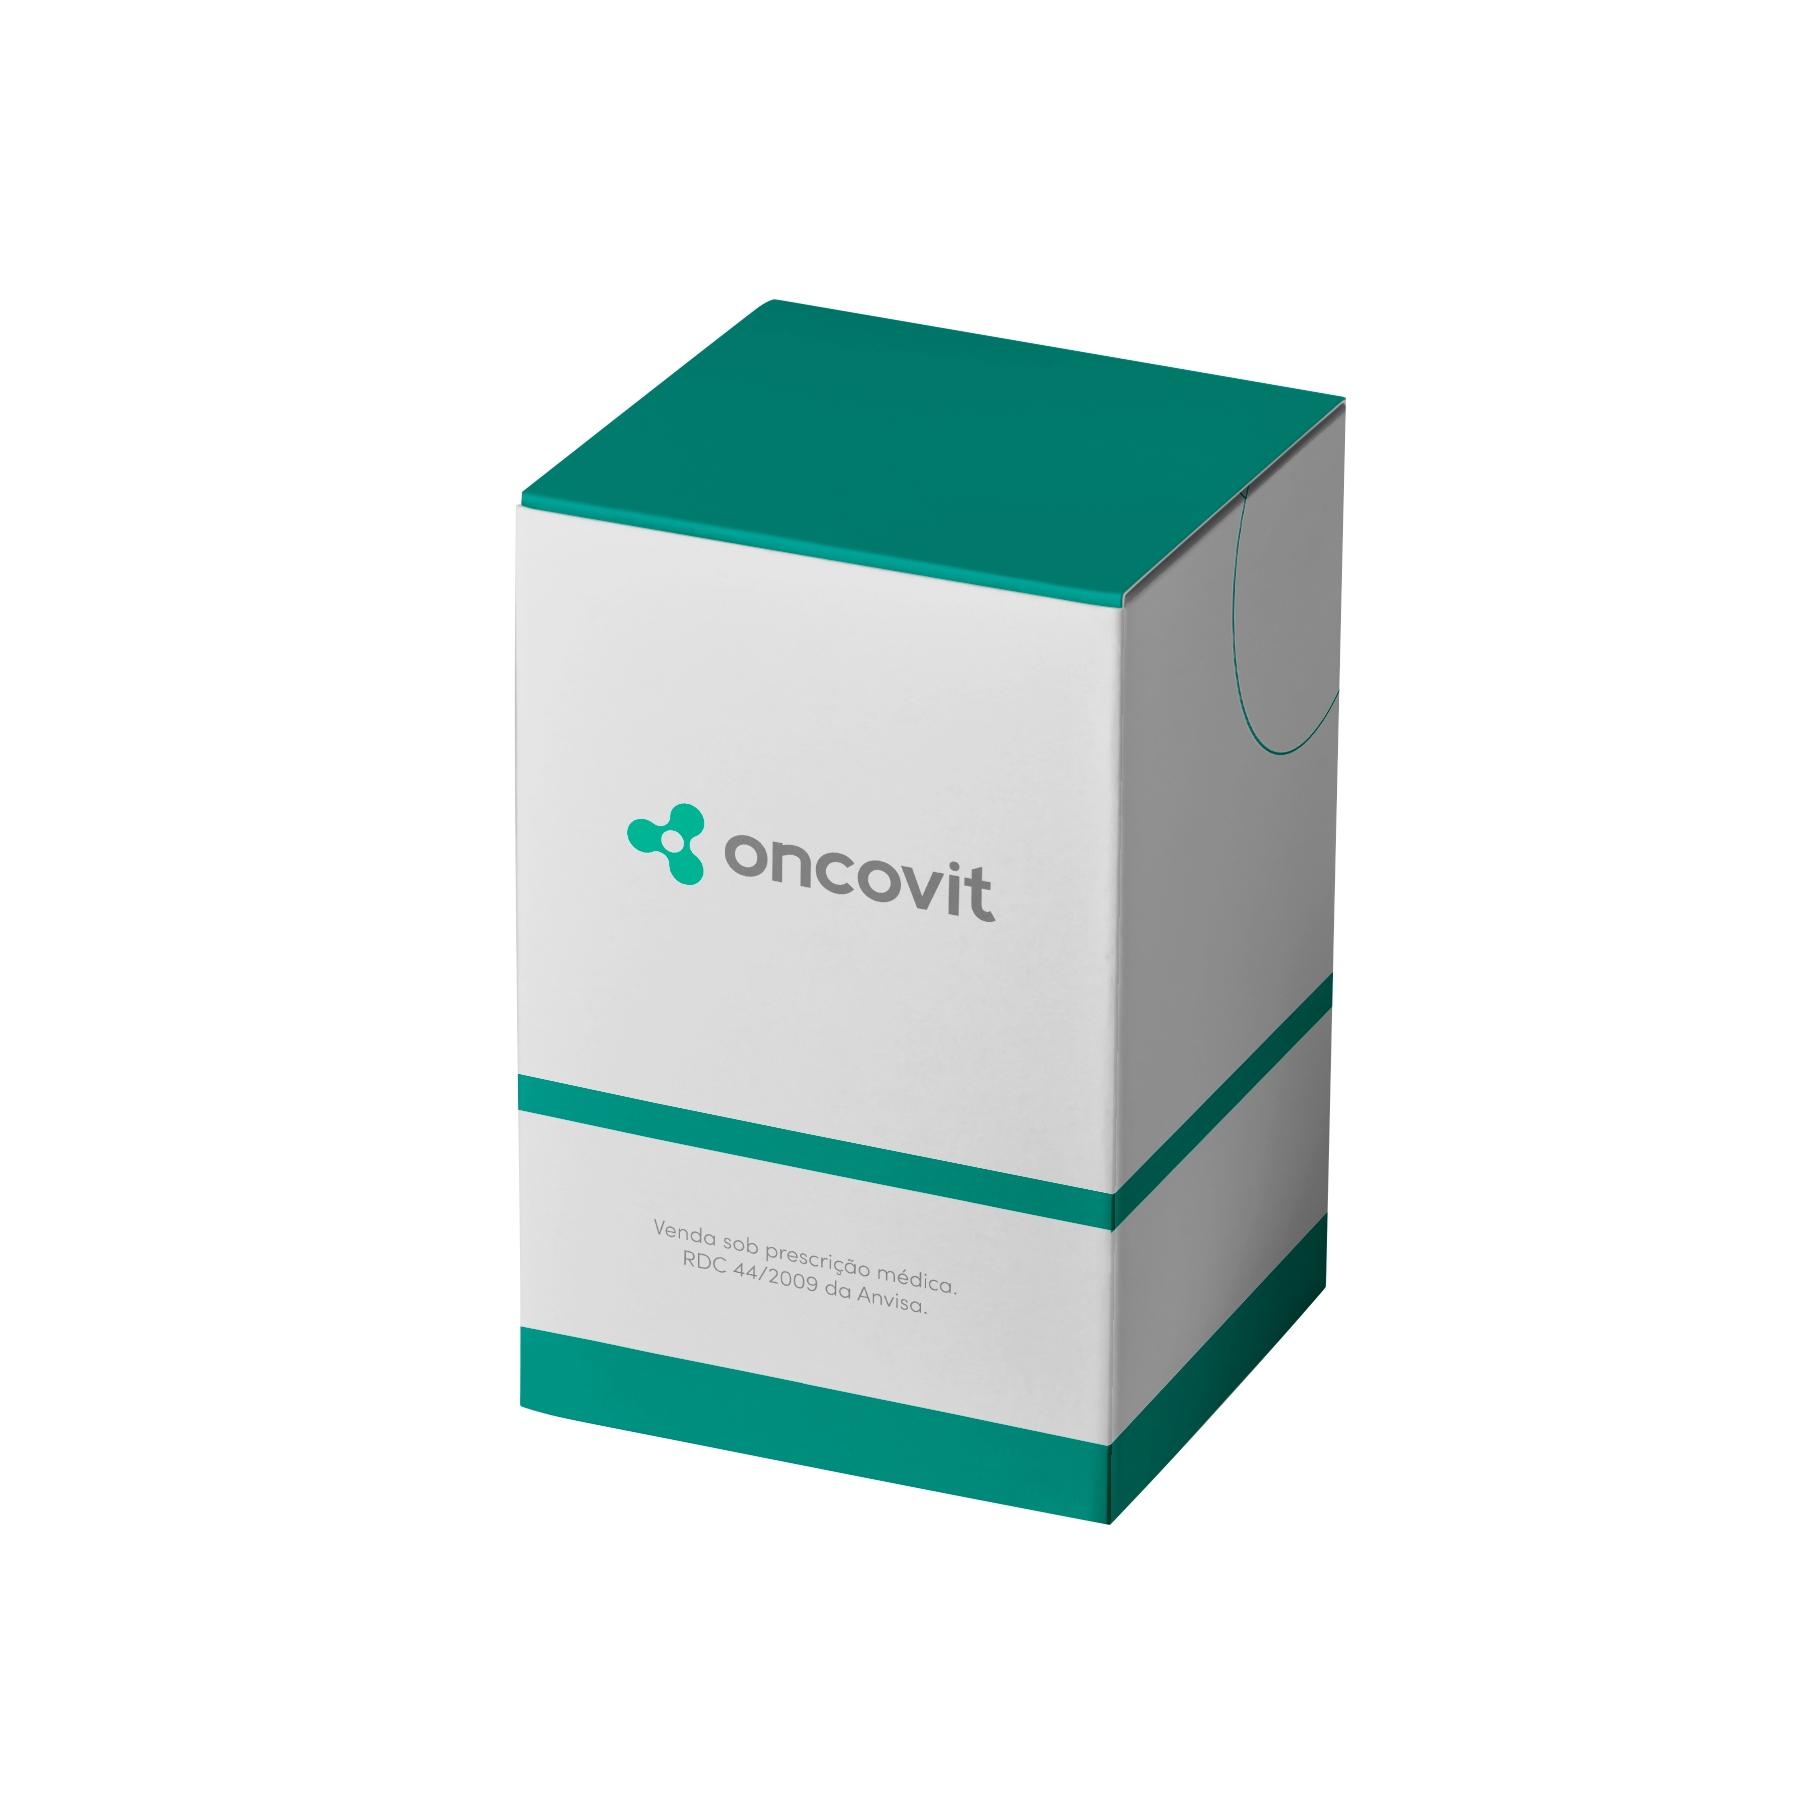 Latanoprosta Geolab 0,05mg/mL, caixa com 1 frasco gotejador com 2,5mL de solução de uso oftálmico